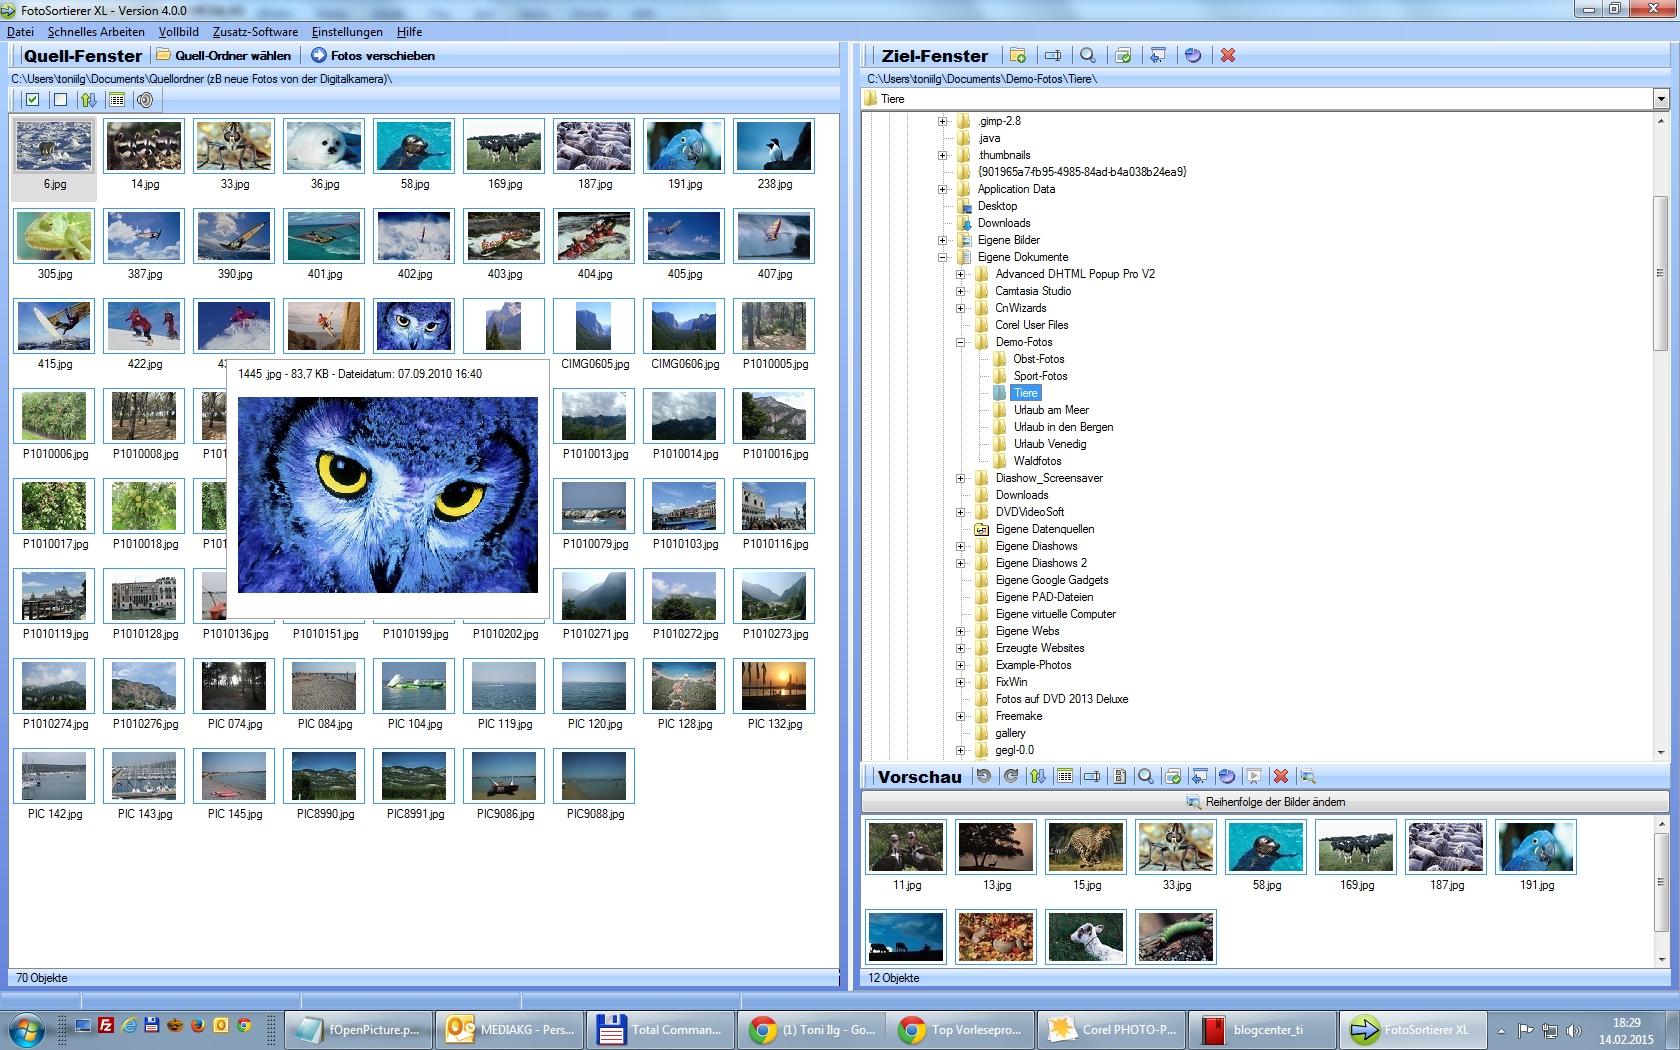 Programm zur Fotoverwaltung